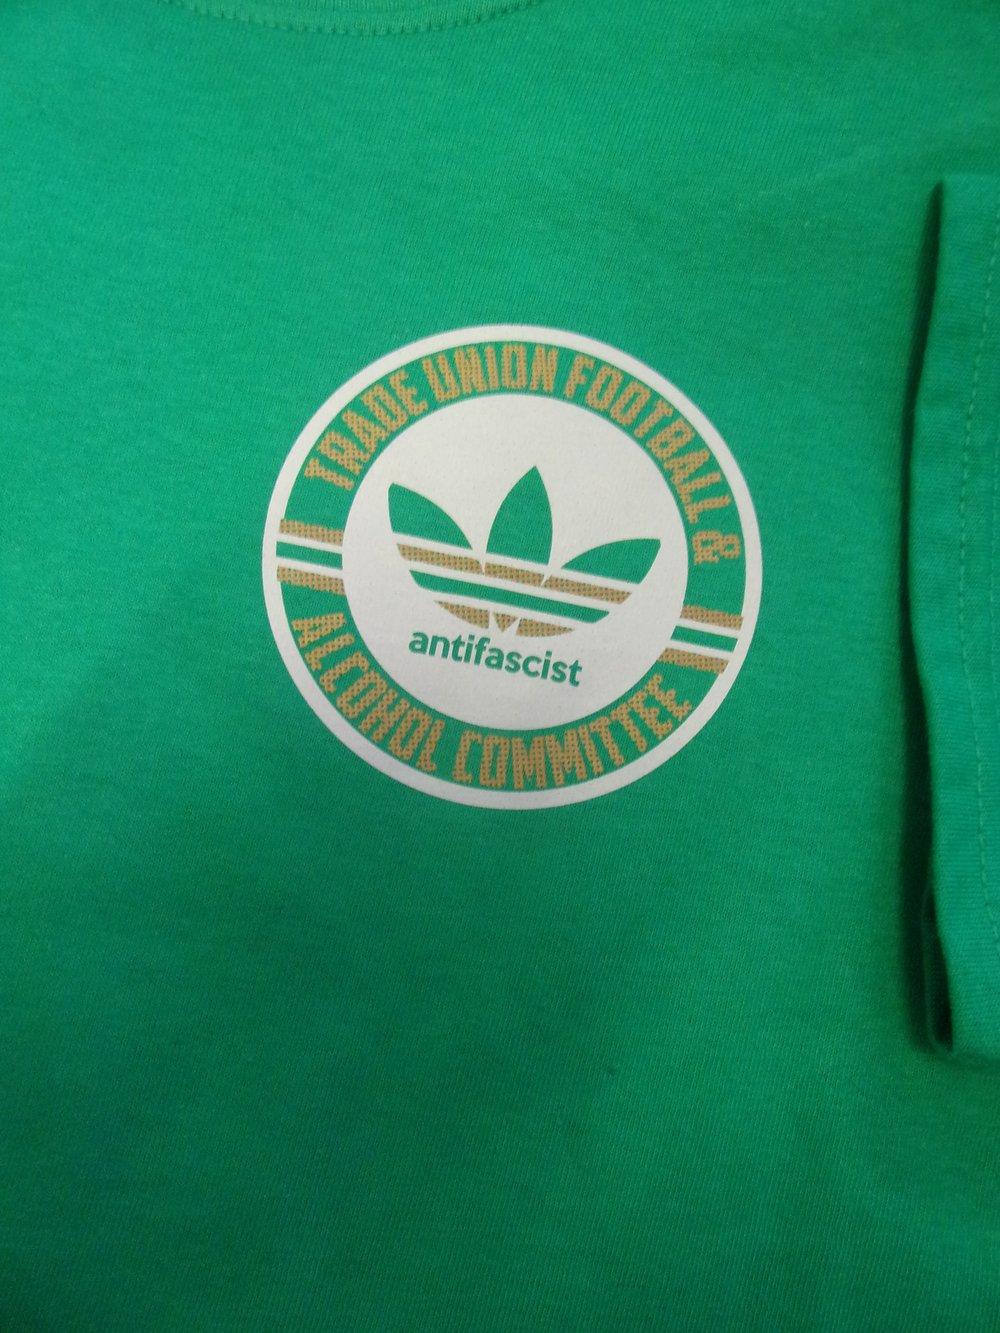 TUFAC Irish Brigade T-shirt